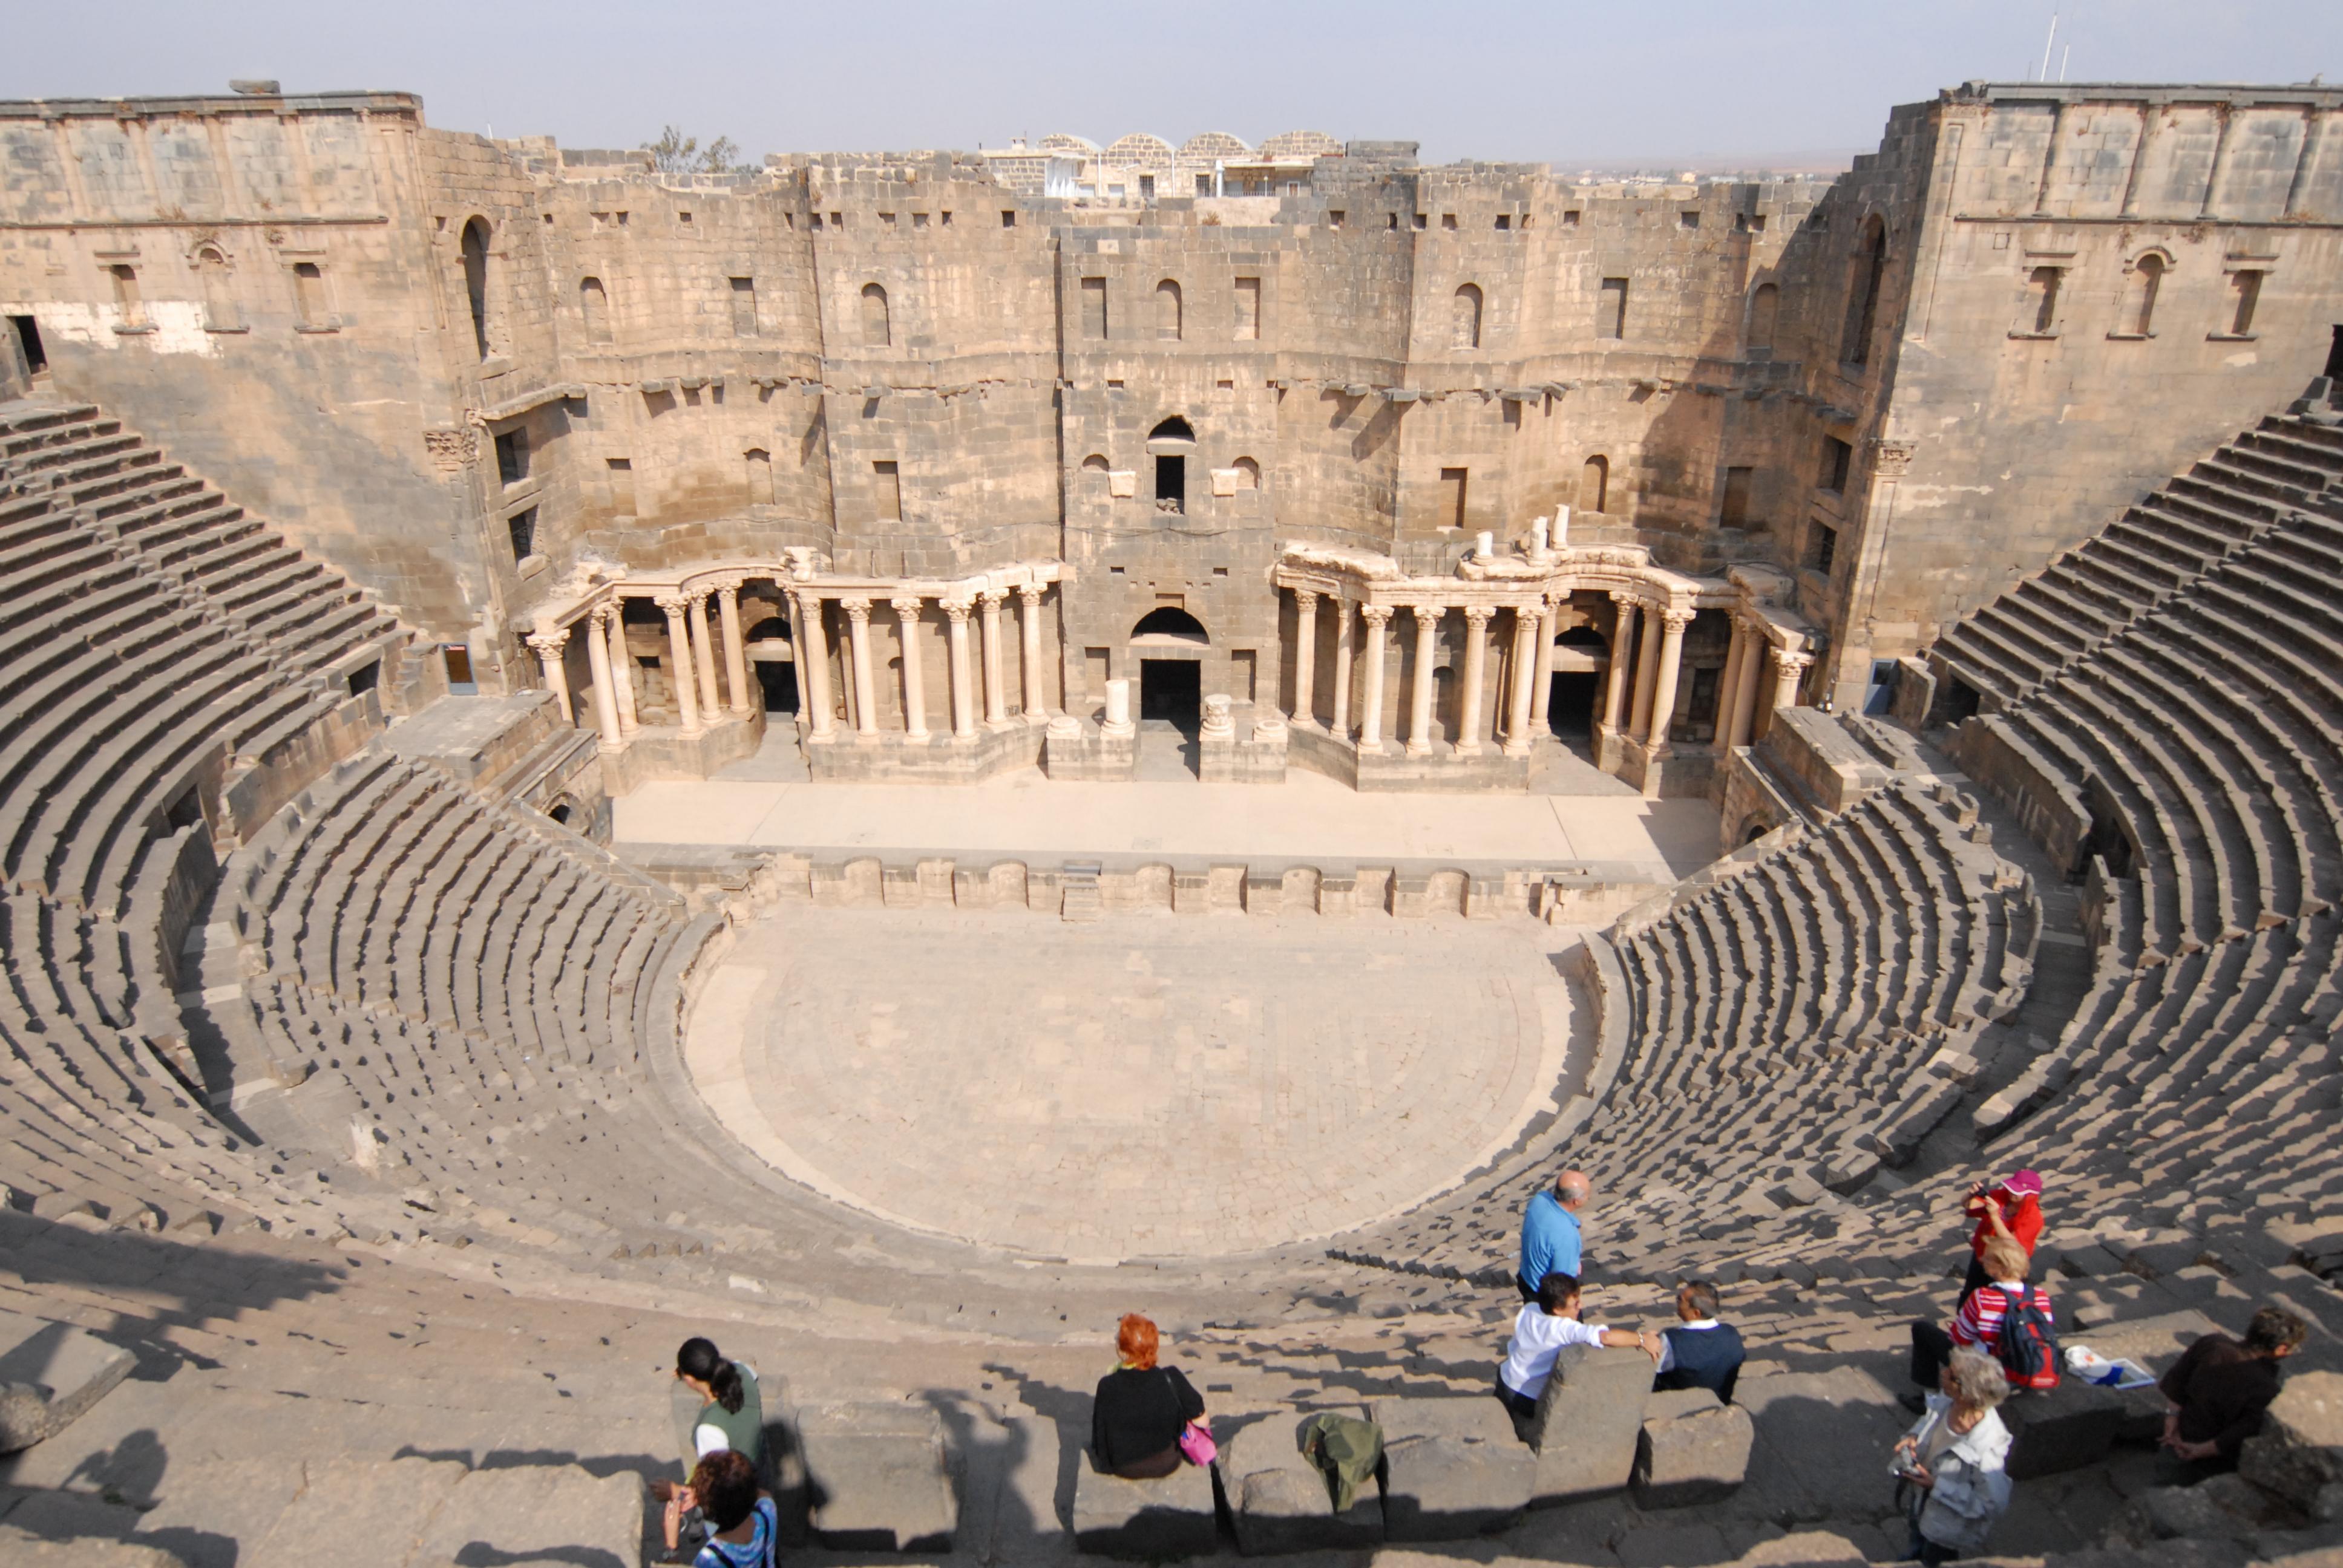 أنشطة في المسرح الروماني بالاسكندرية مصر